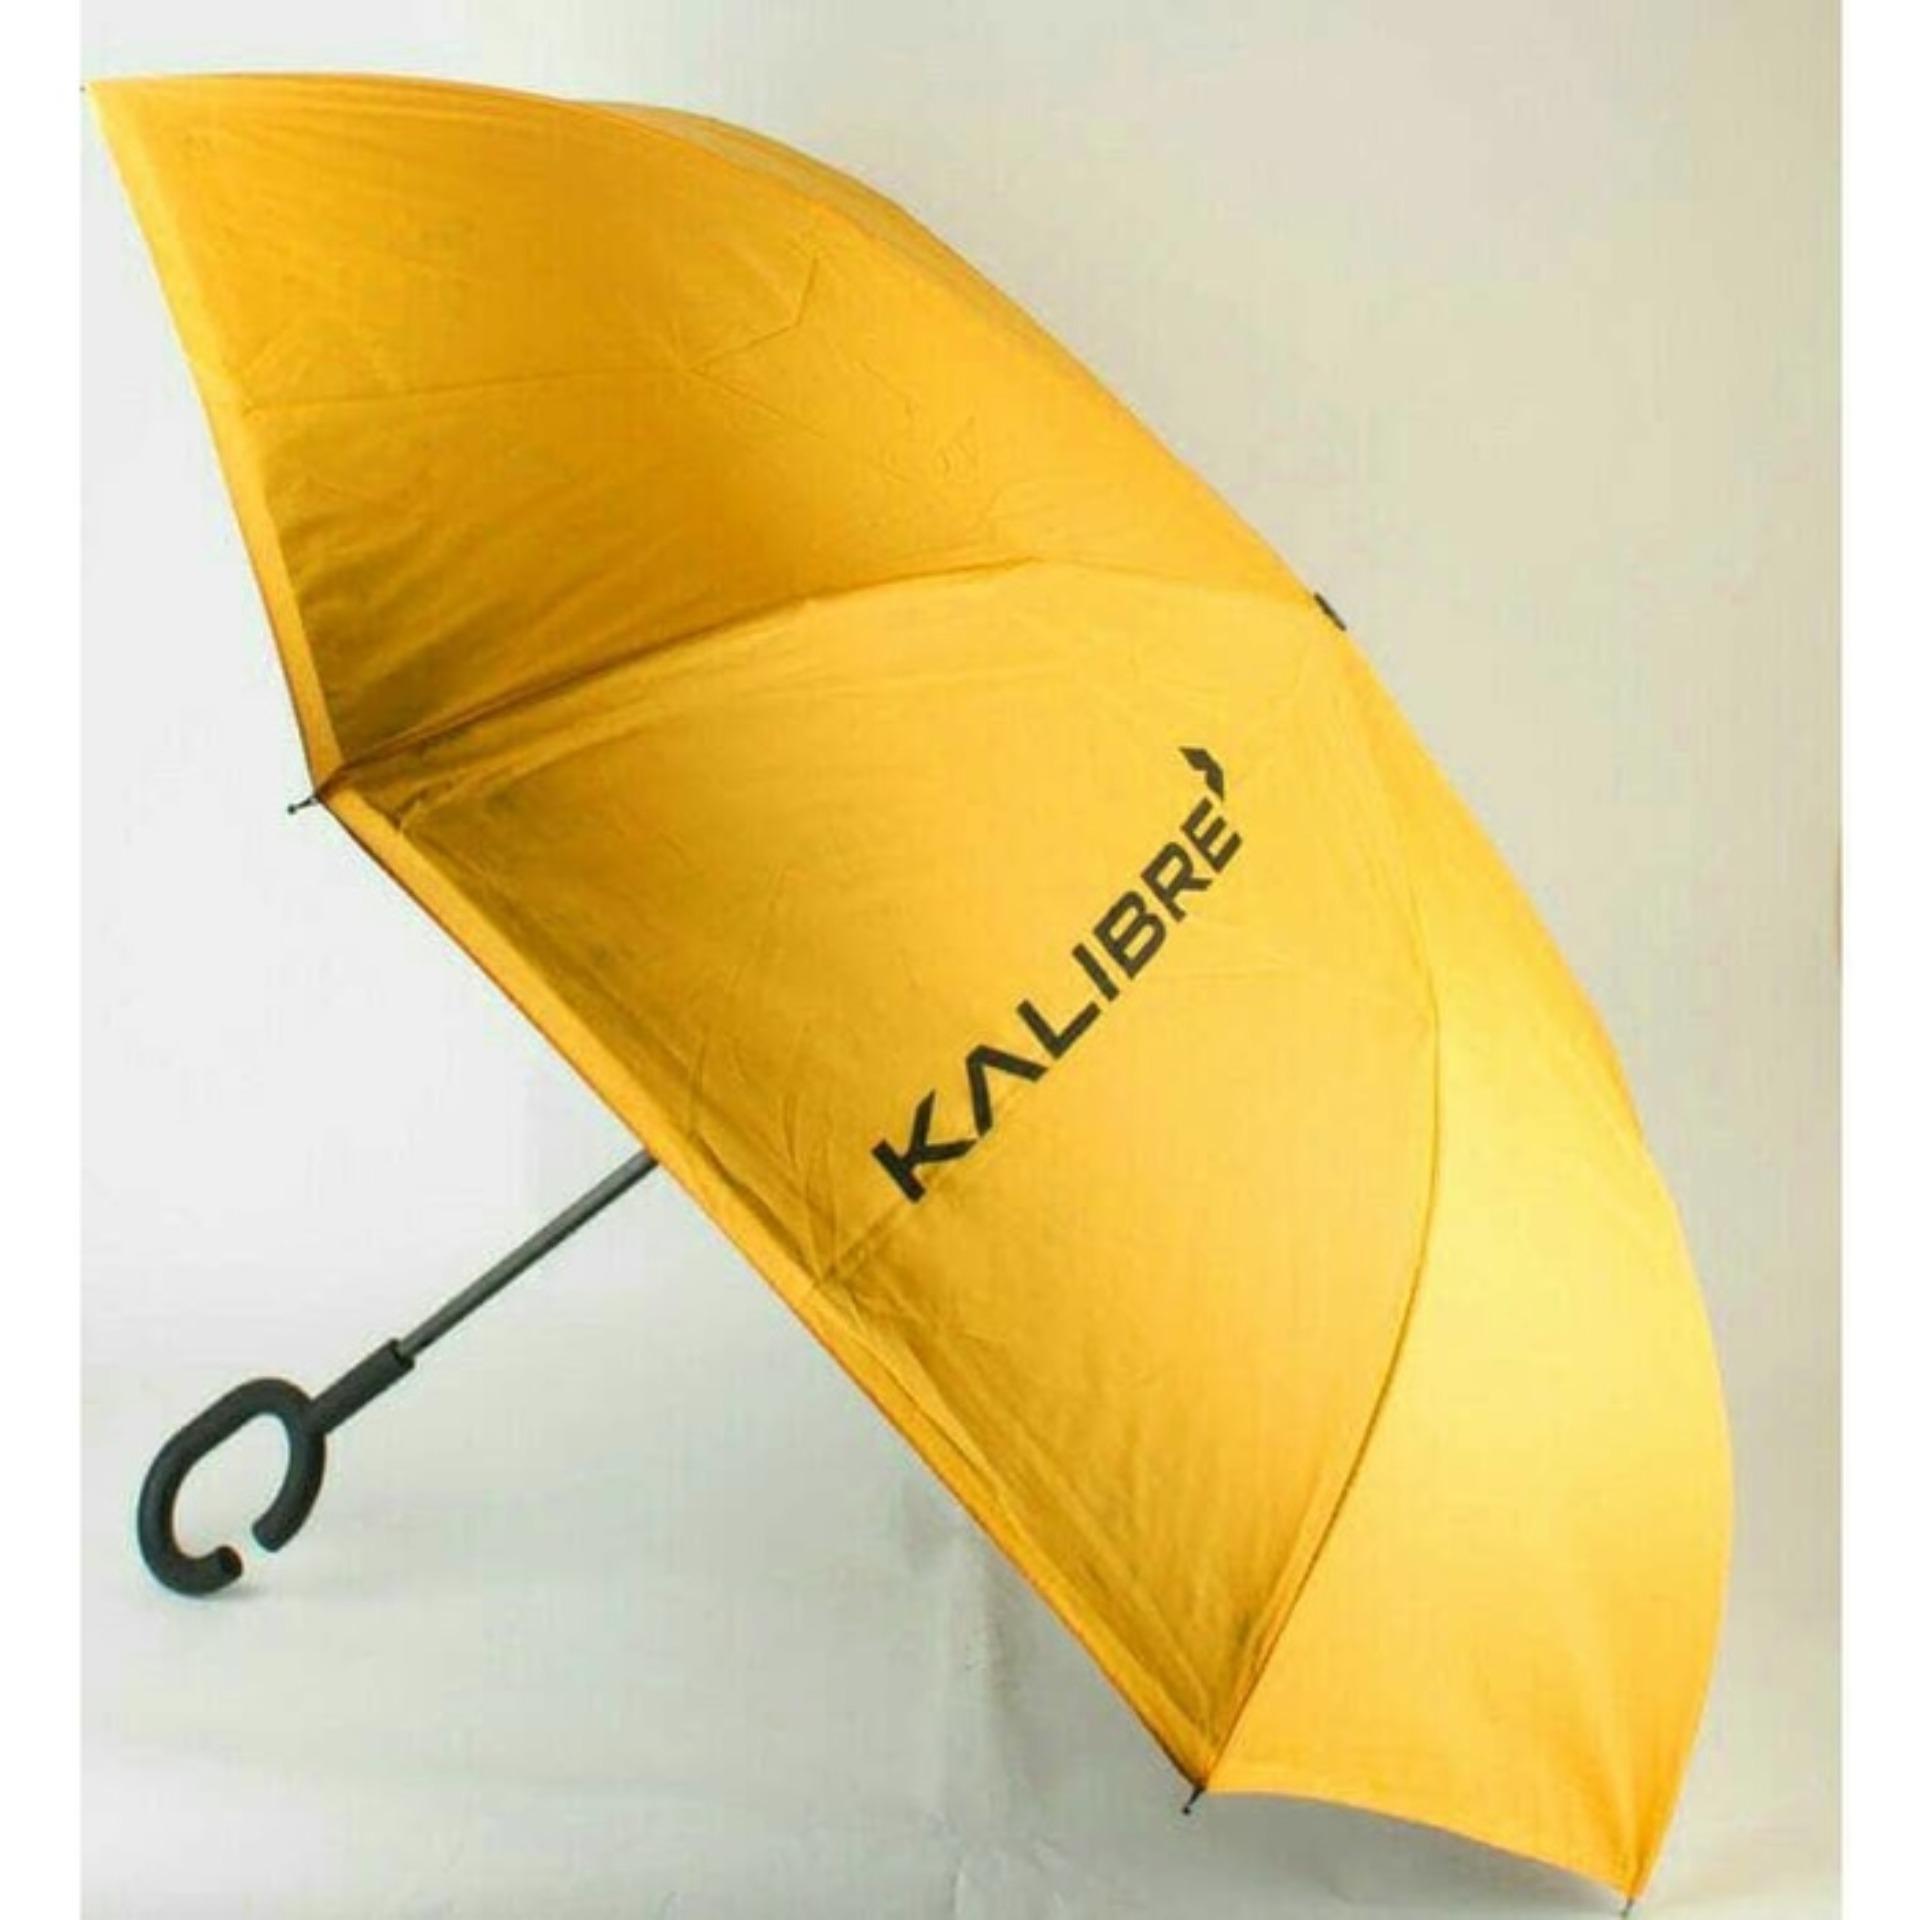 Kalibre Umbrella Payung Besar Diameter 150 Cm Hujan Waterproof Anti Kuning Air Uv 995036 770 Kazbrella Terbalik Inverted Yellow 110